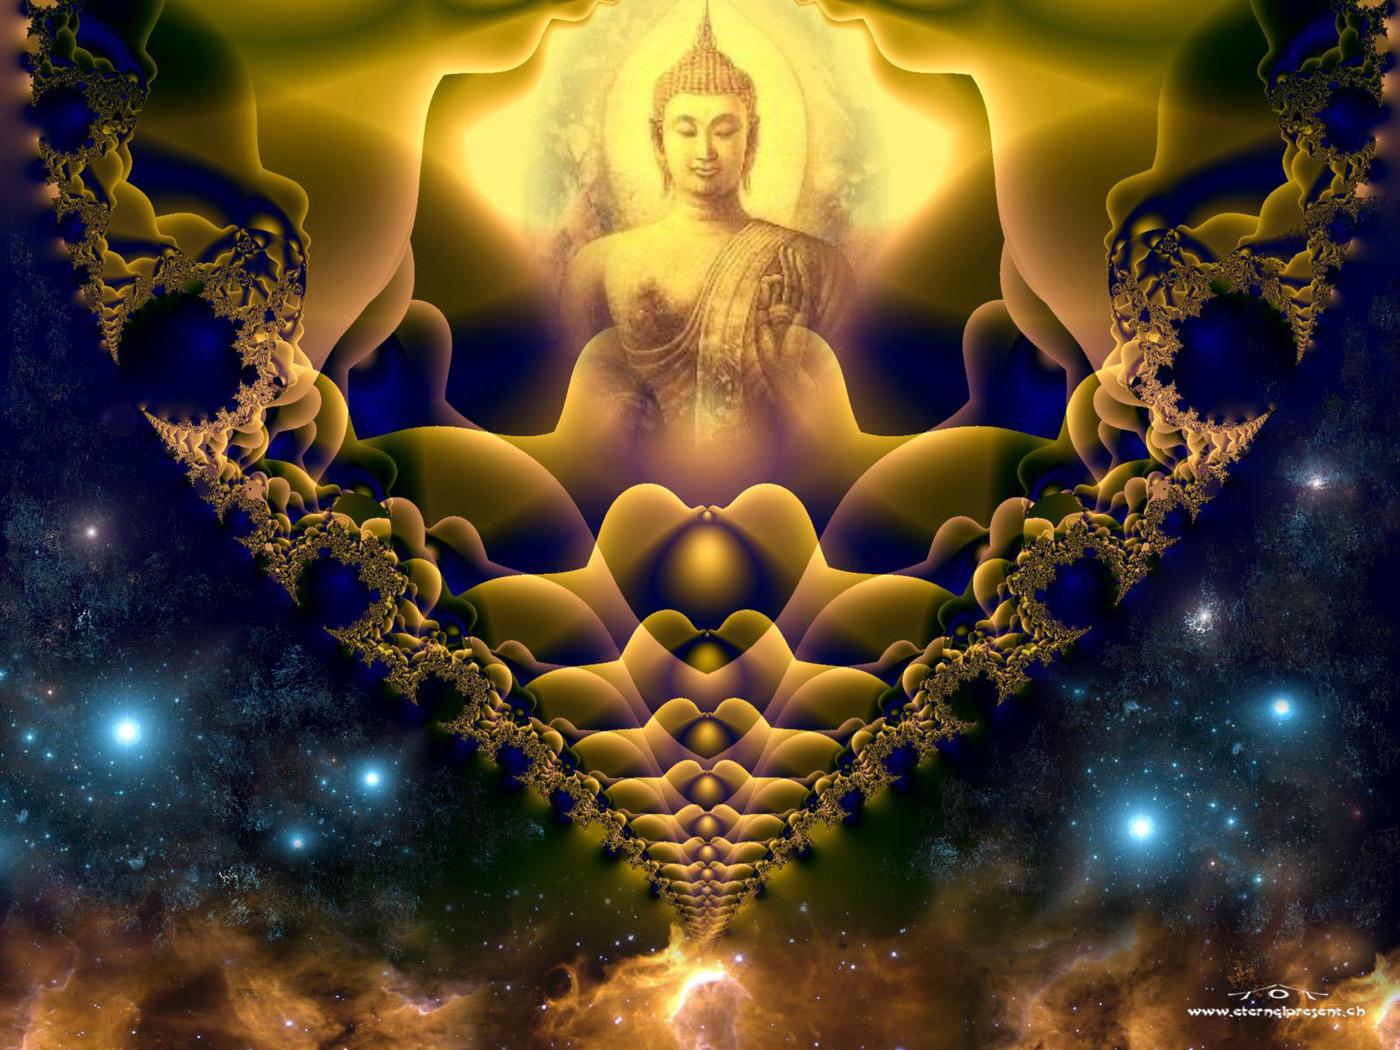 Высшее сознание это всё что есть мантра слова